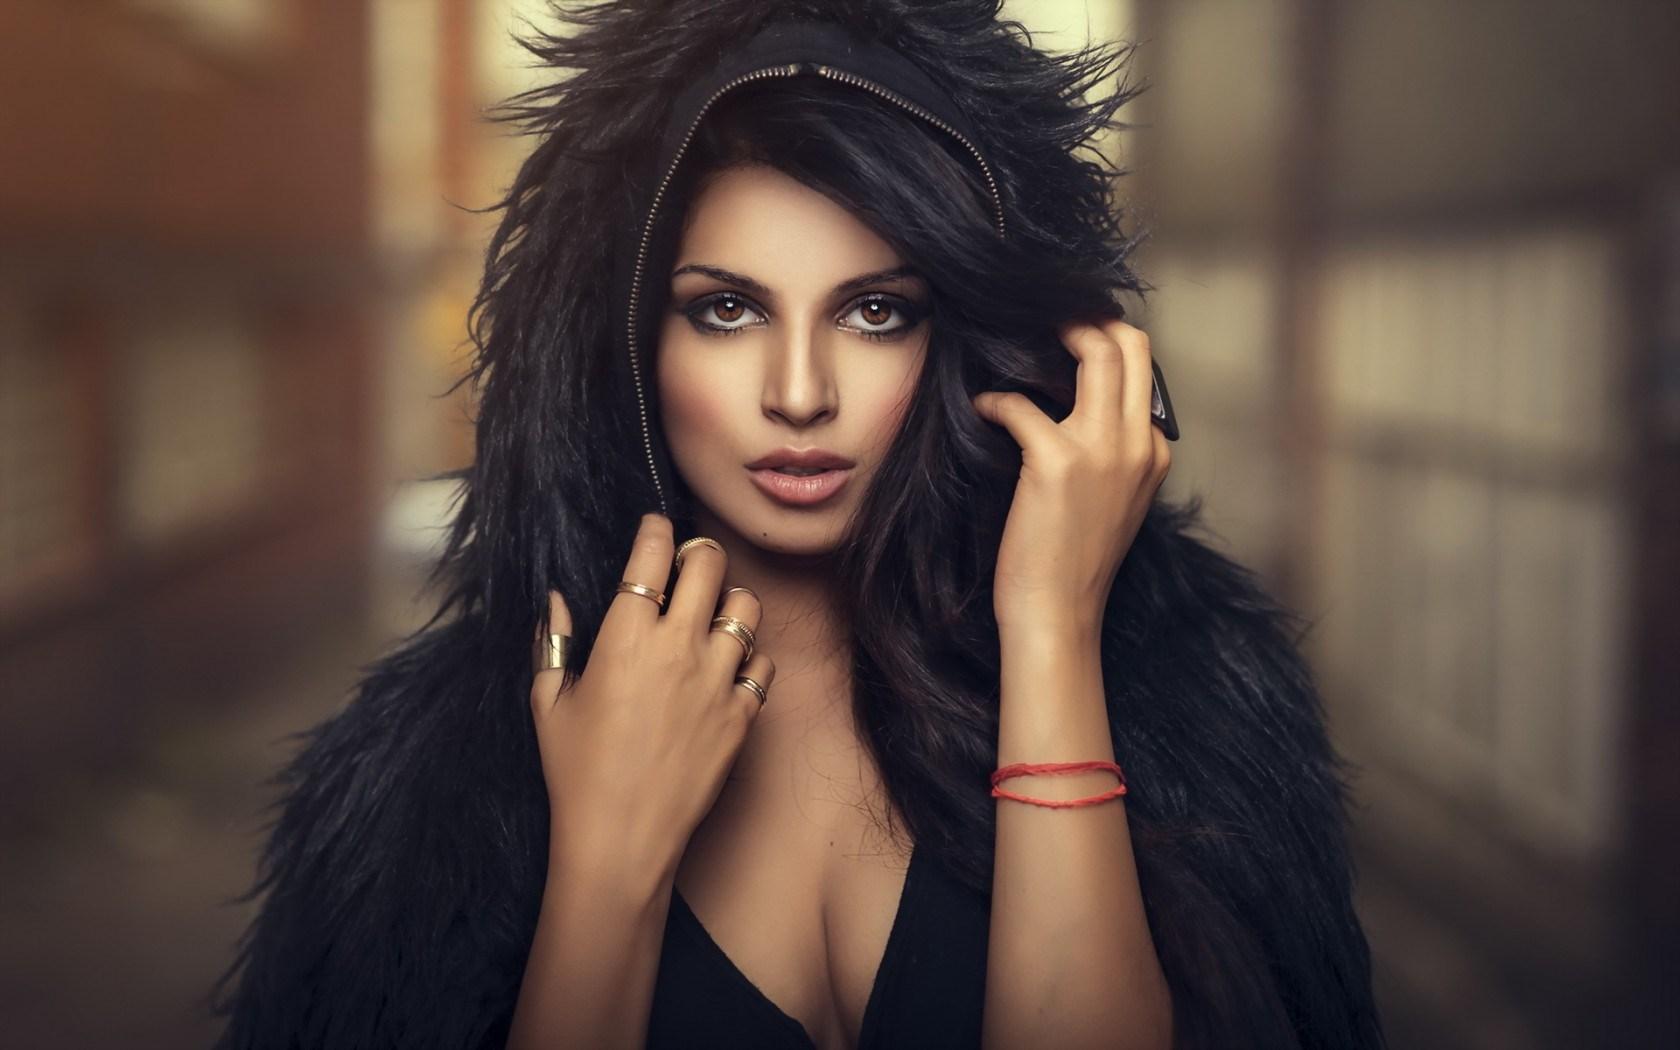 Lovely Brunette Woman